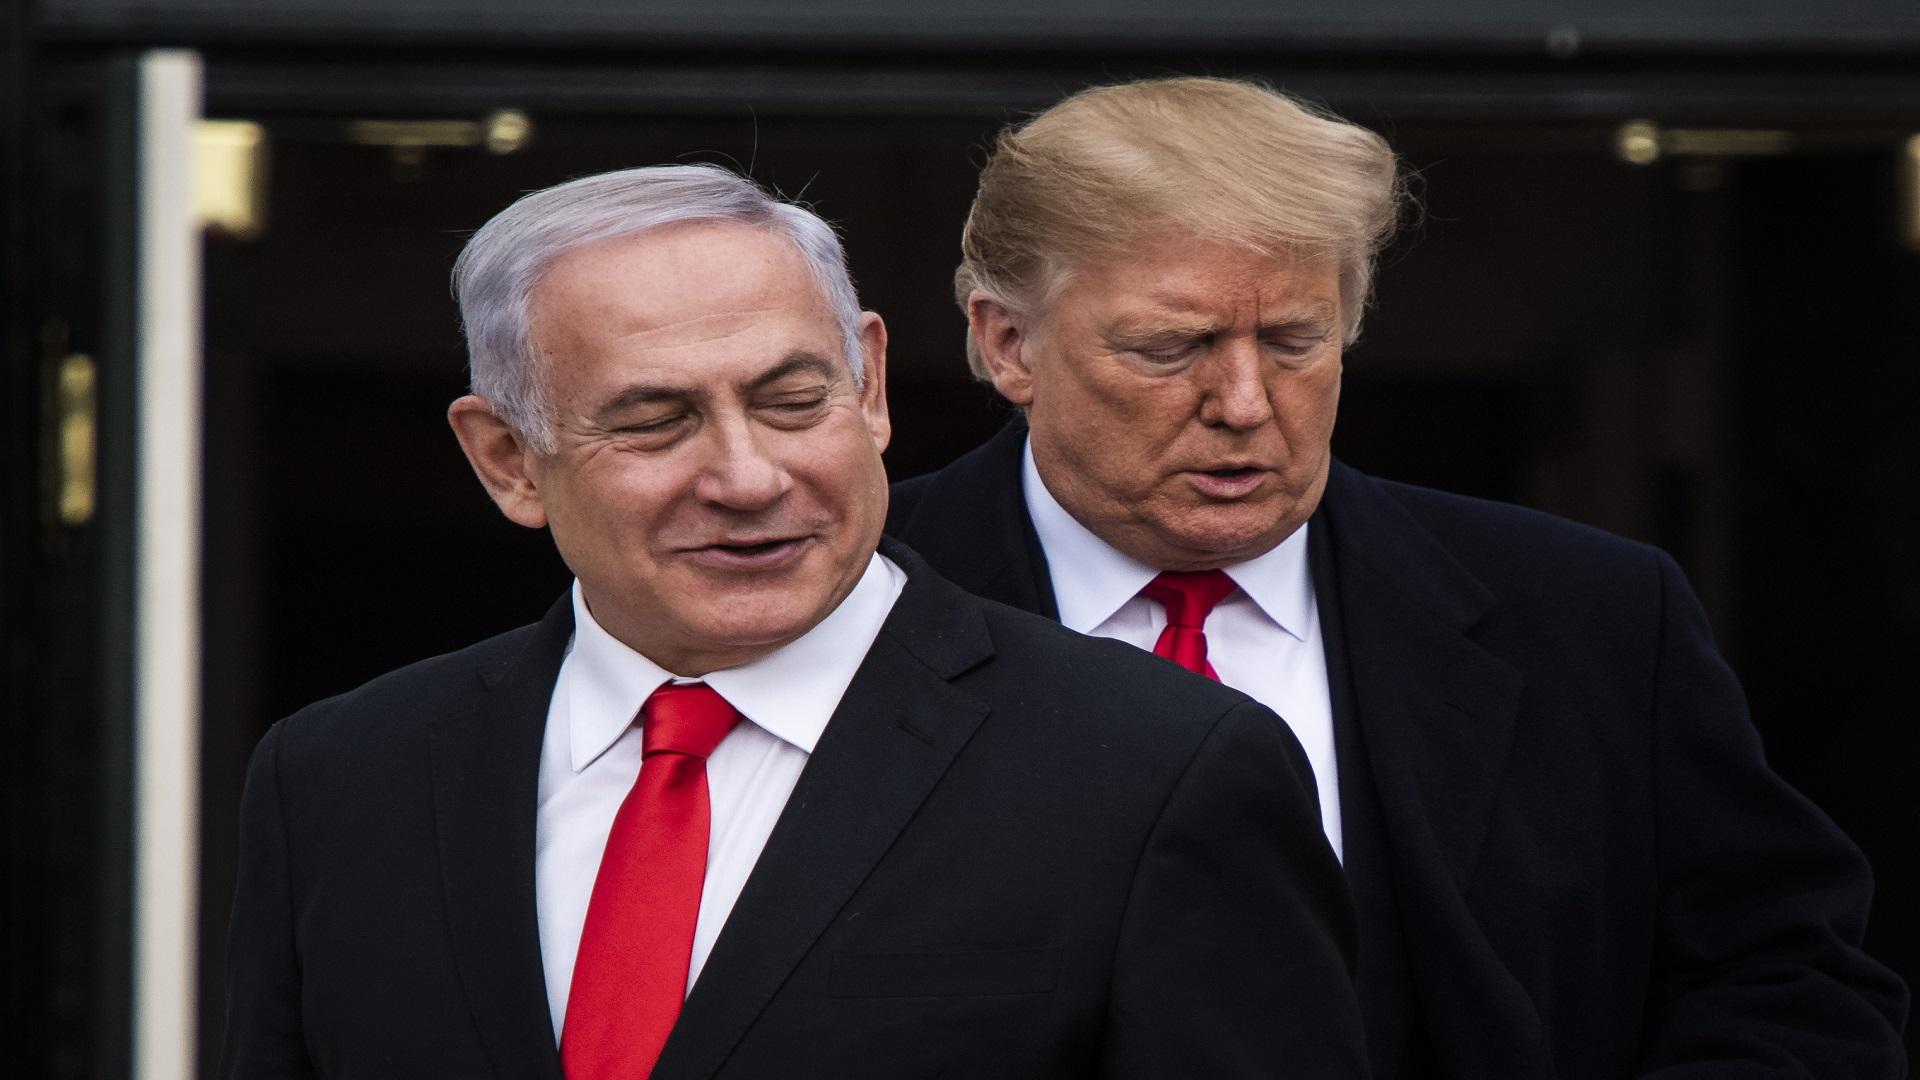 صورة أحداث الكونغرس قد تتكرر (بإسرائيل).. وبشكل أسوأ